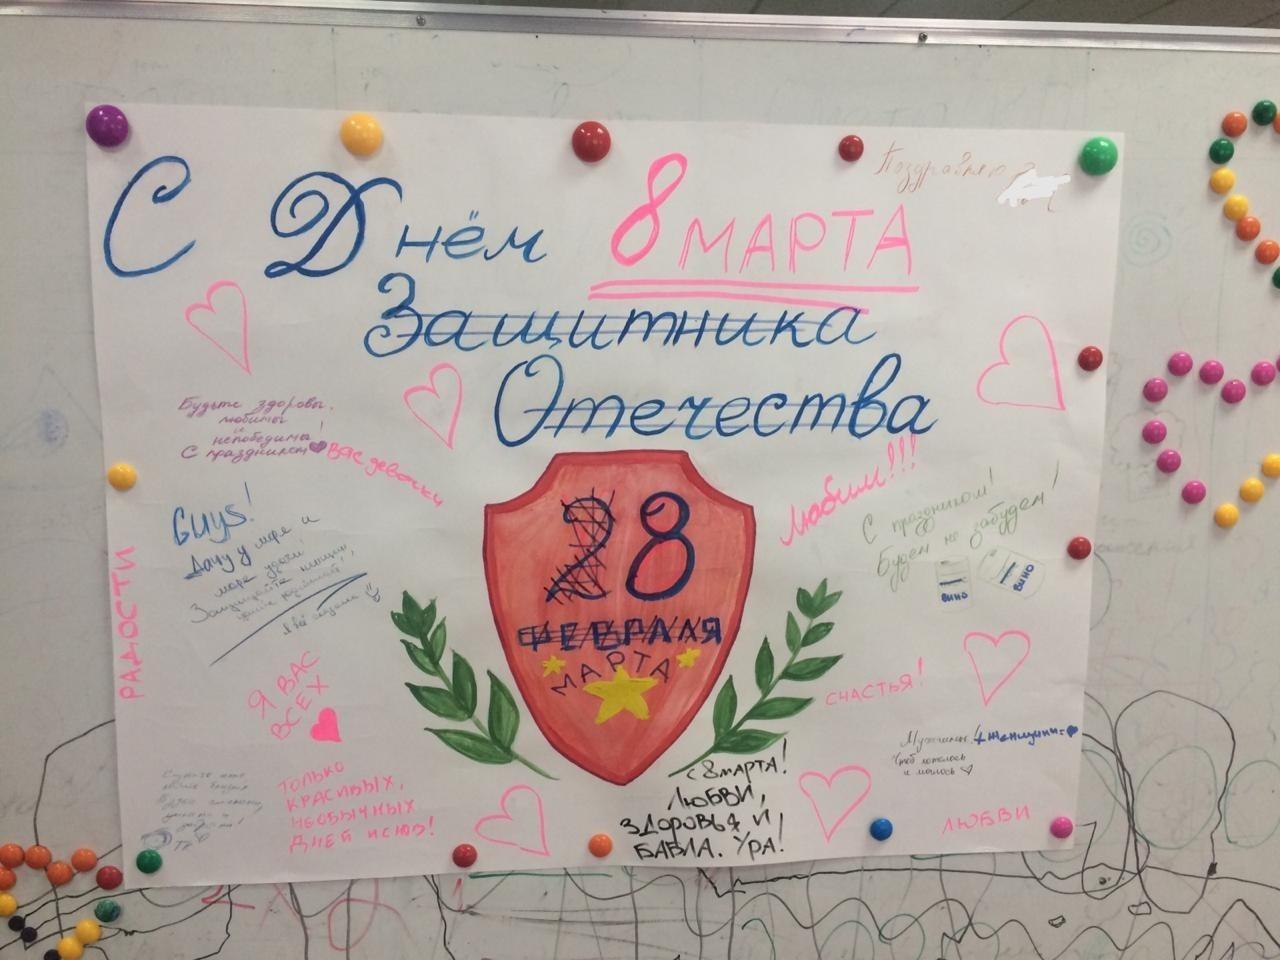 С днем защитника отечества, 8 марта, плакат